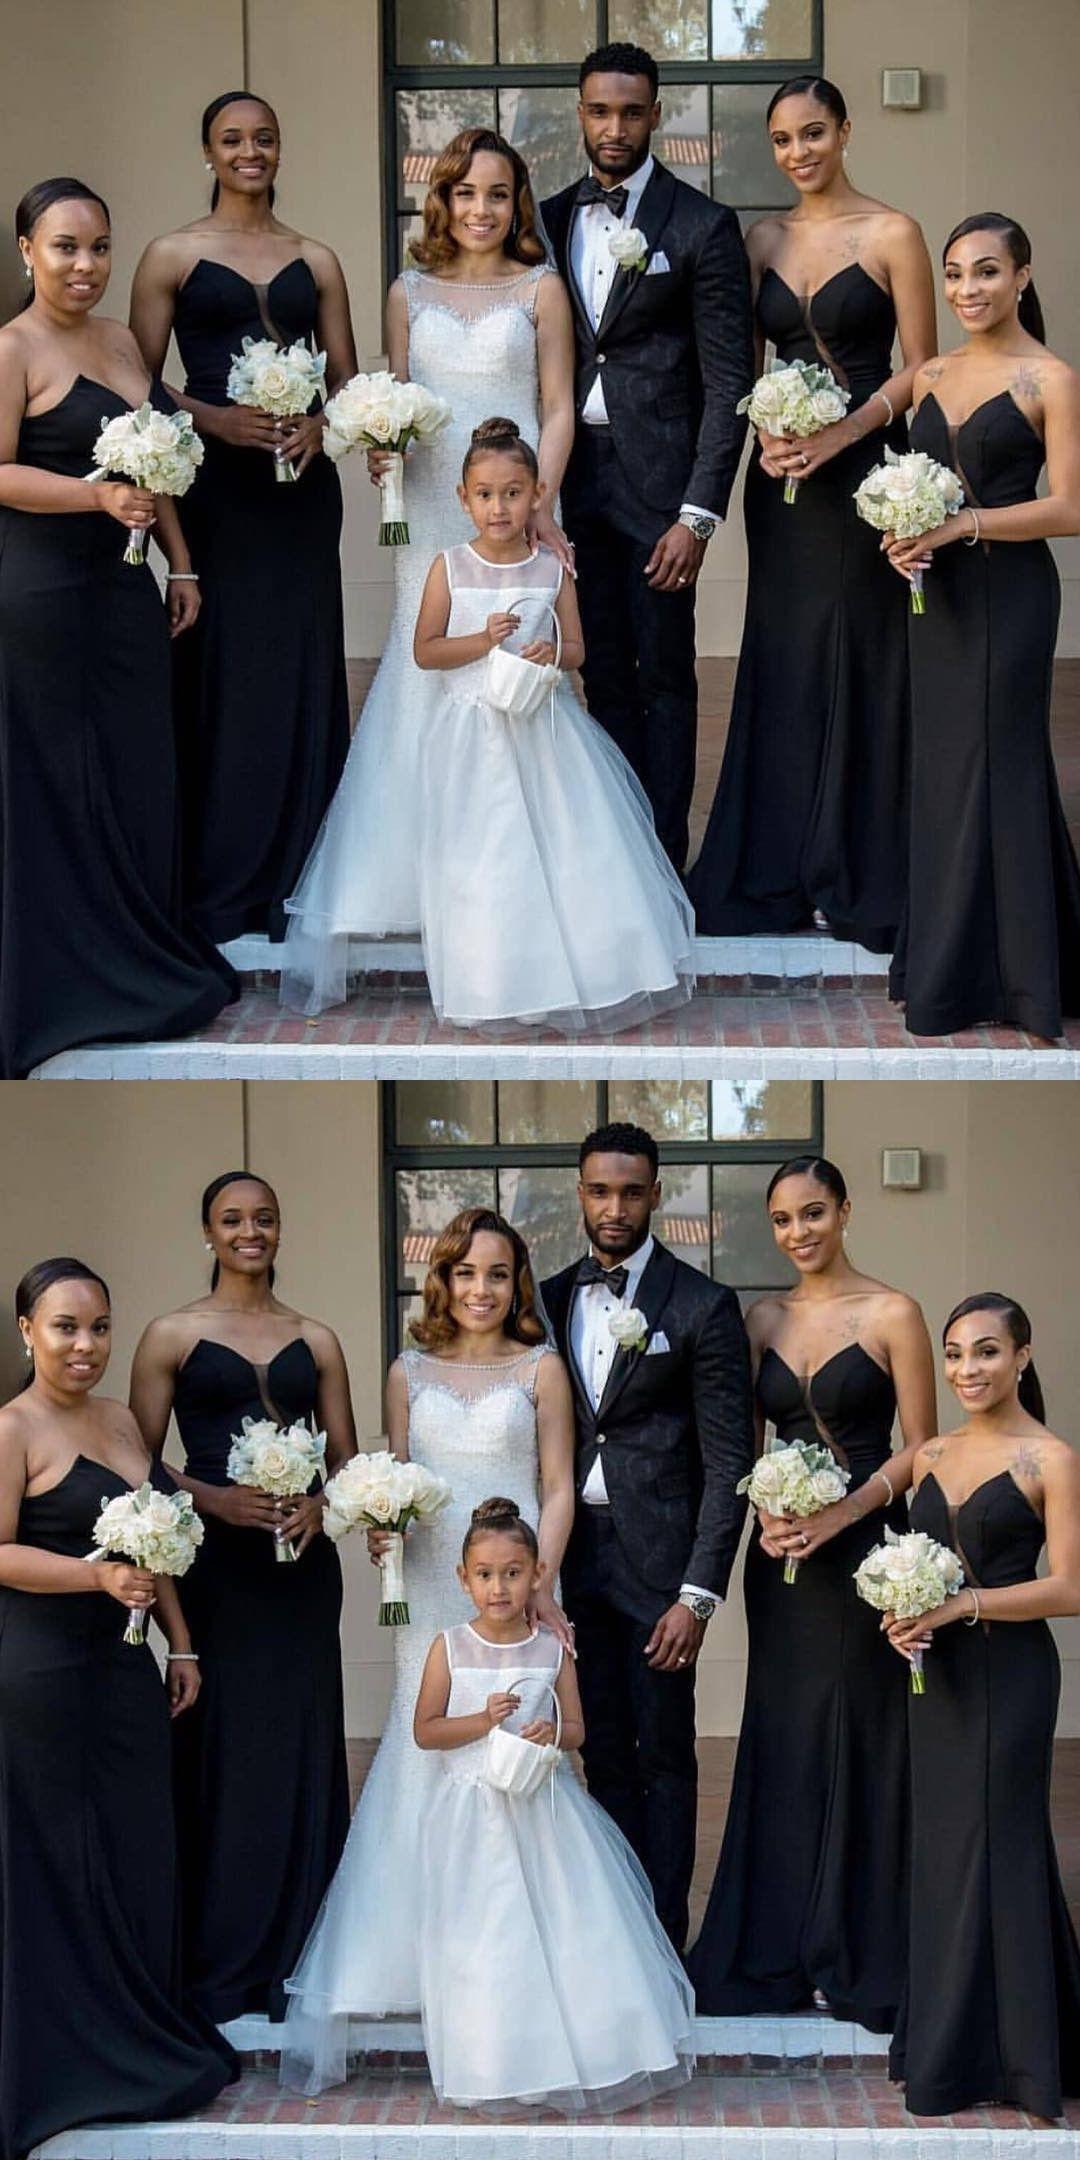 Mermaid black bridesmaid dresses elegant sweetheart wedding party mermaid black bridesmaid dresses elegant sweetheart wedding party gowns ombrellifo Choice Image